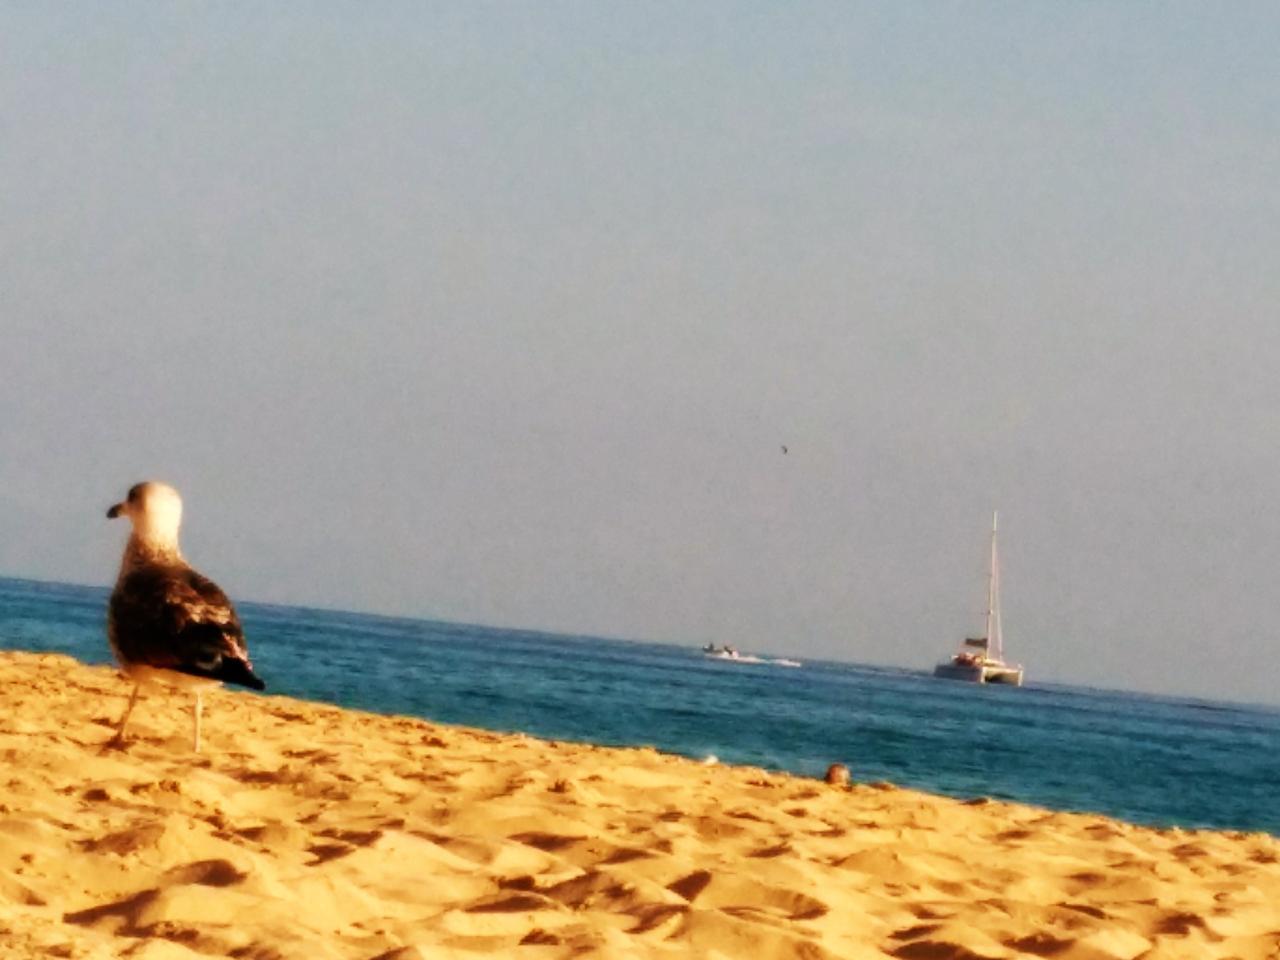 Ferienwohnung Apartment 2 / 4er Direkt am Meer, mit Blick auf den Strand, Schwimmbäder, ausgestattet. WI (487787), Morro Jable, Fuerteventura, Kanarische Inseln, Spanien, Bild 25